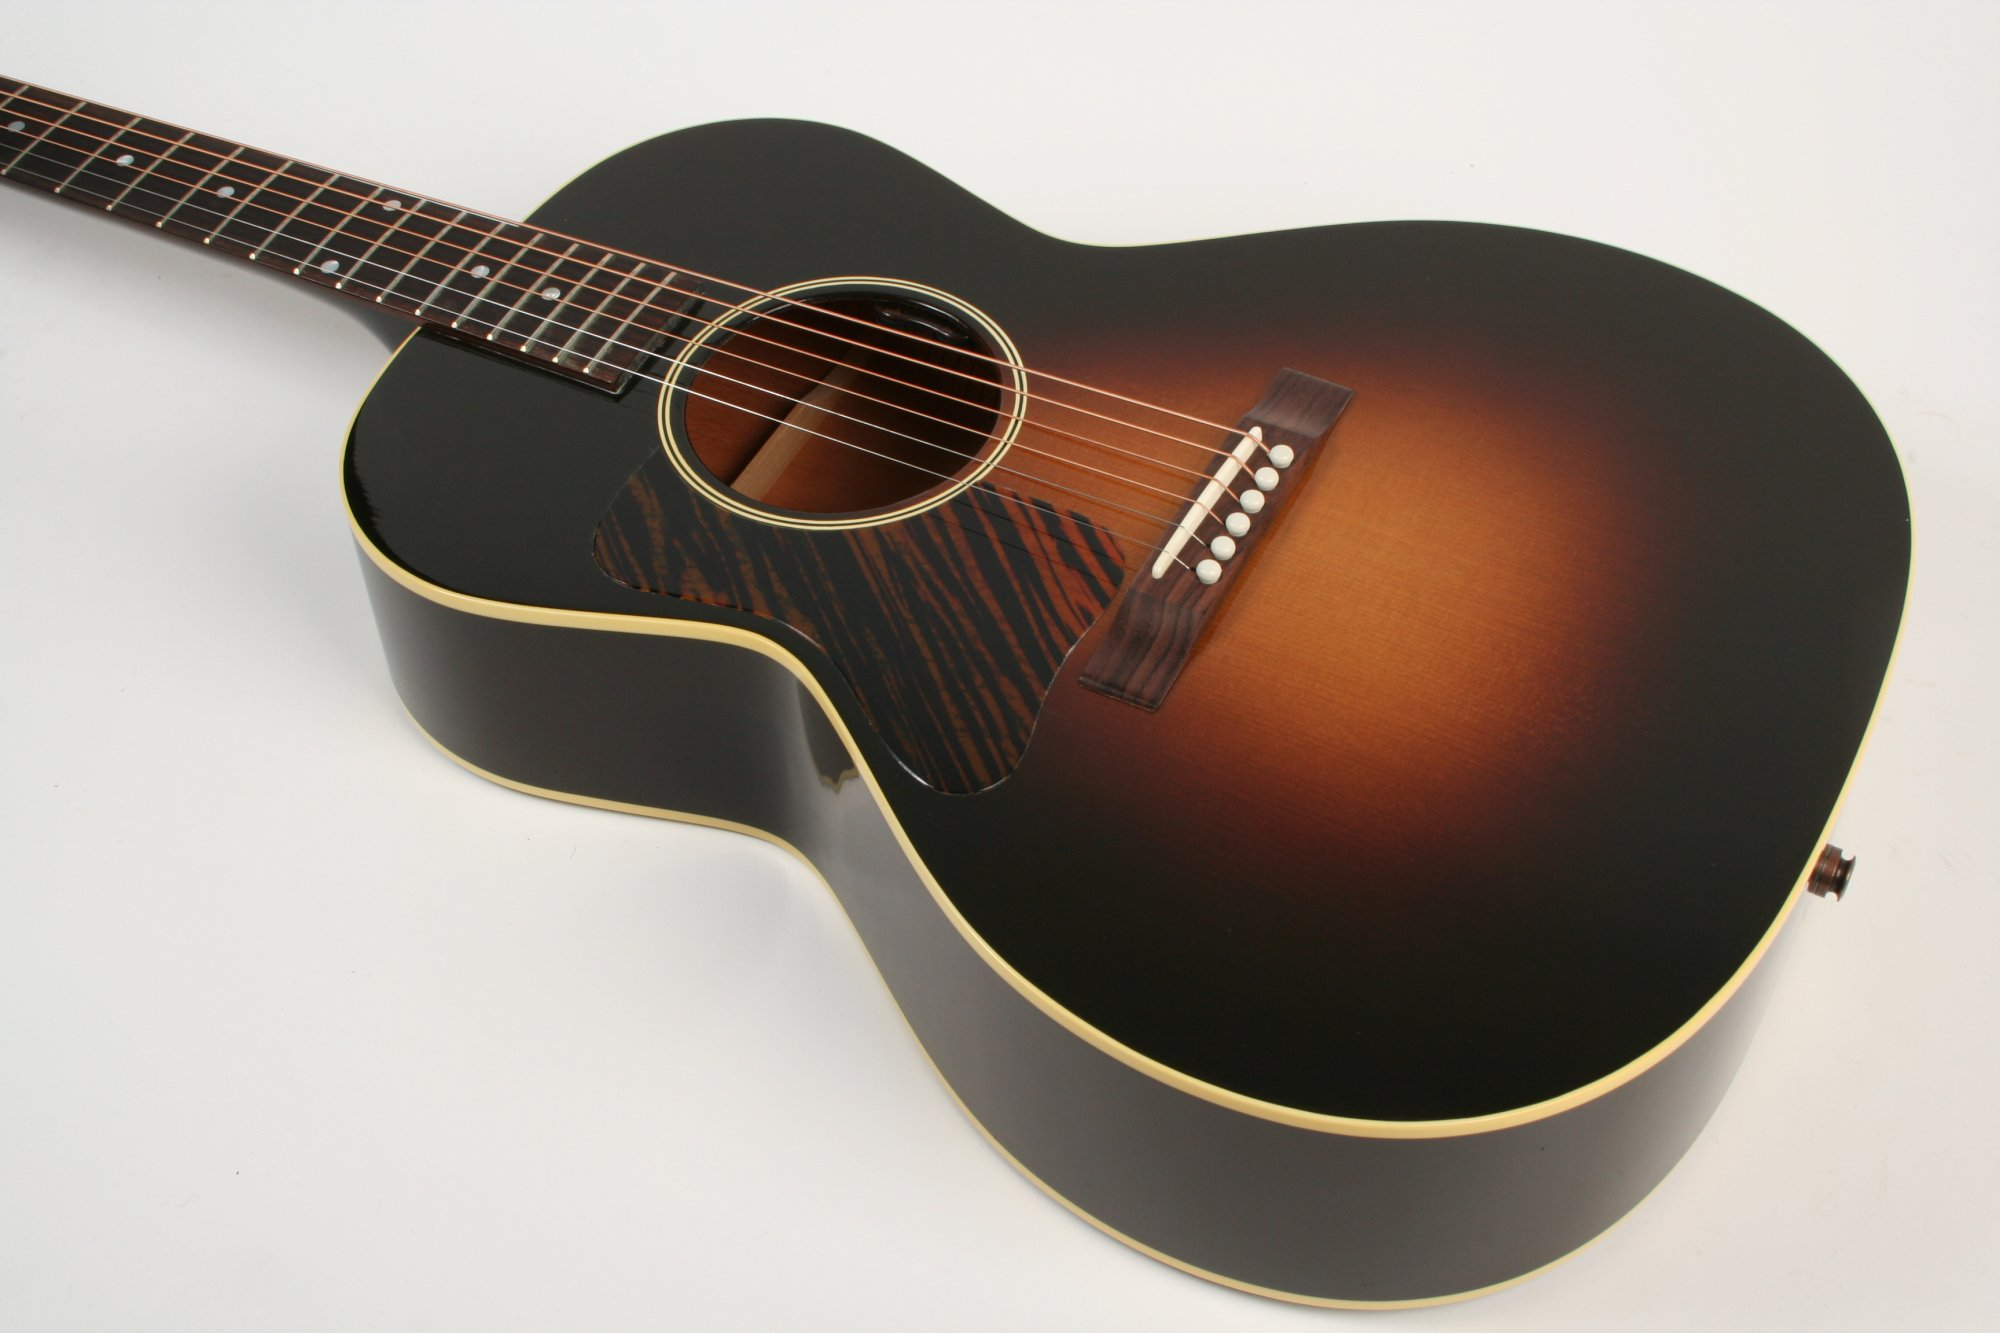 Gibson L-00 Original Vintage Sunburst Original Collection Left-handed